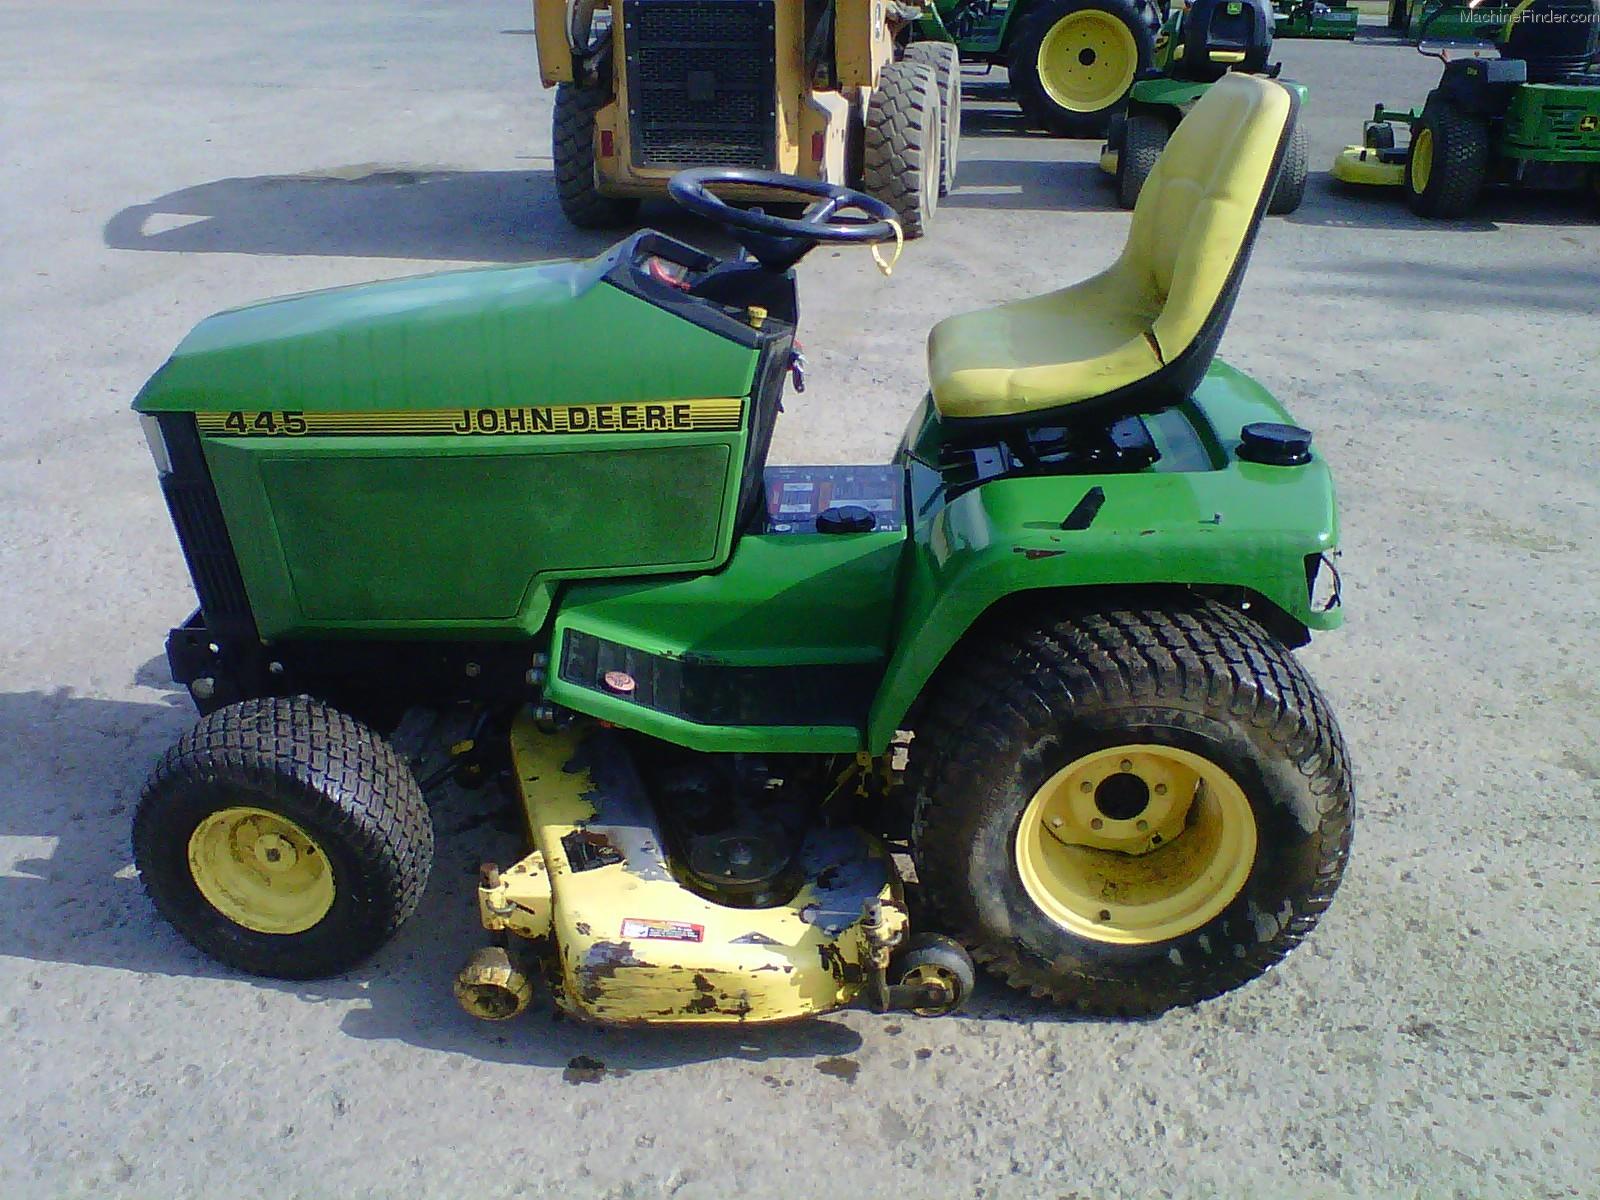 john deere 445 garden tractor john deere 400 series garden